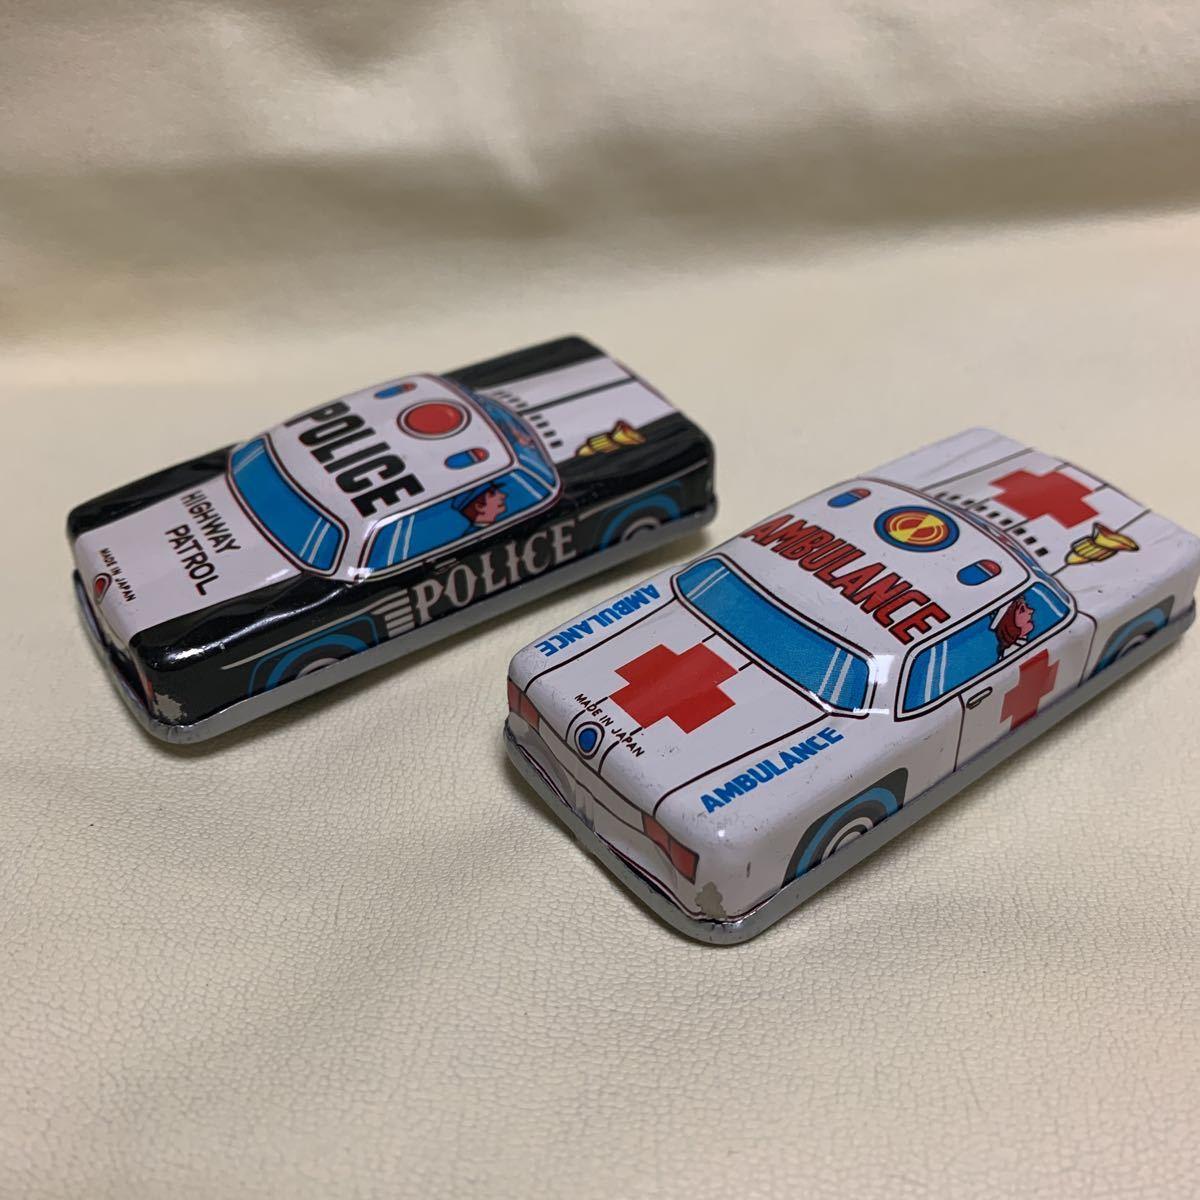 ブリキ[日本製・当事物]《パトカー・救急車両》2点セット[未使用コレクション保管品・現状現品同等品渡し]_画像2